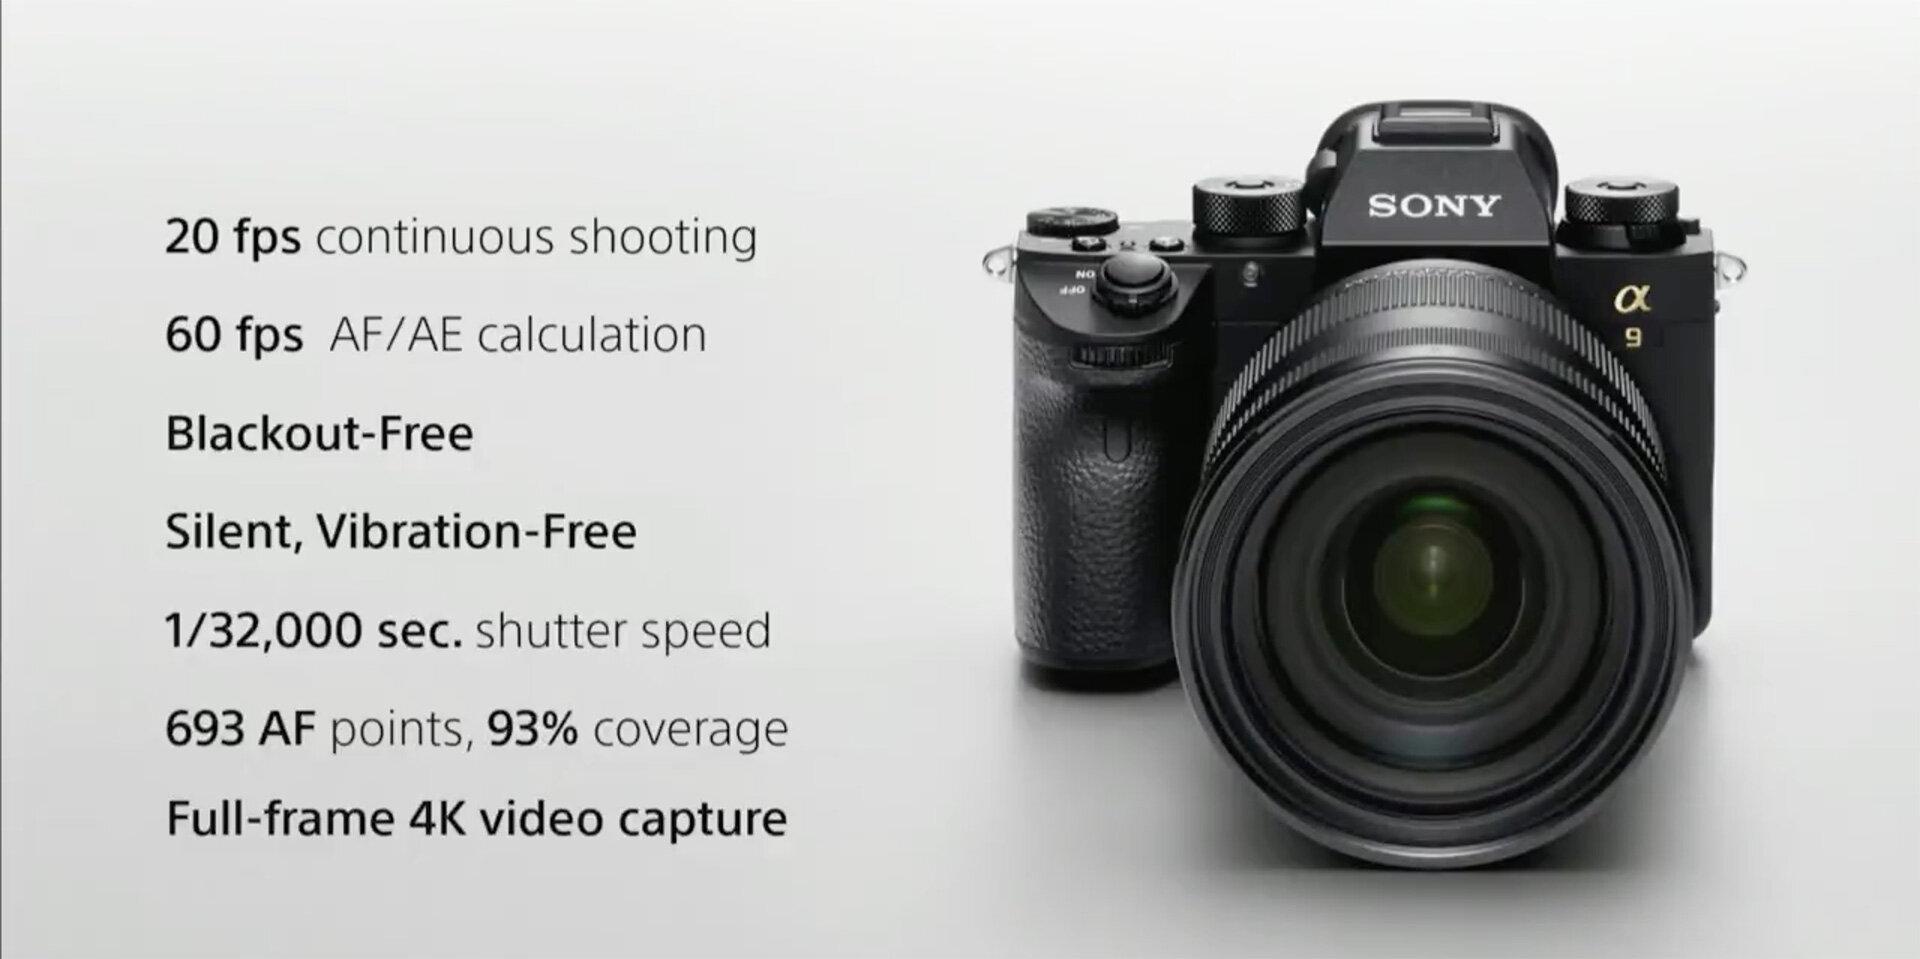 Sony Alpha A9 là sản phẩm máy ảnh Mirrorless có giá đắt nhất hiện nay